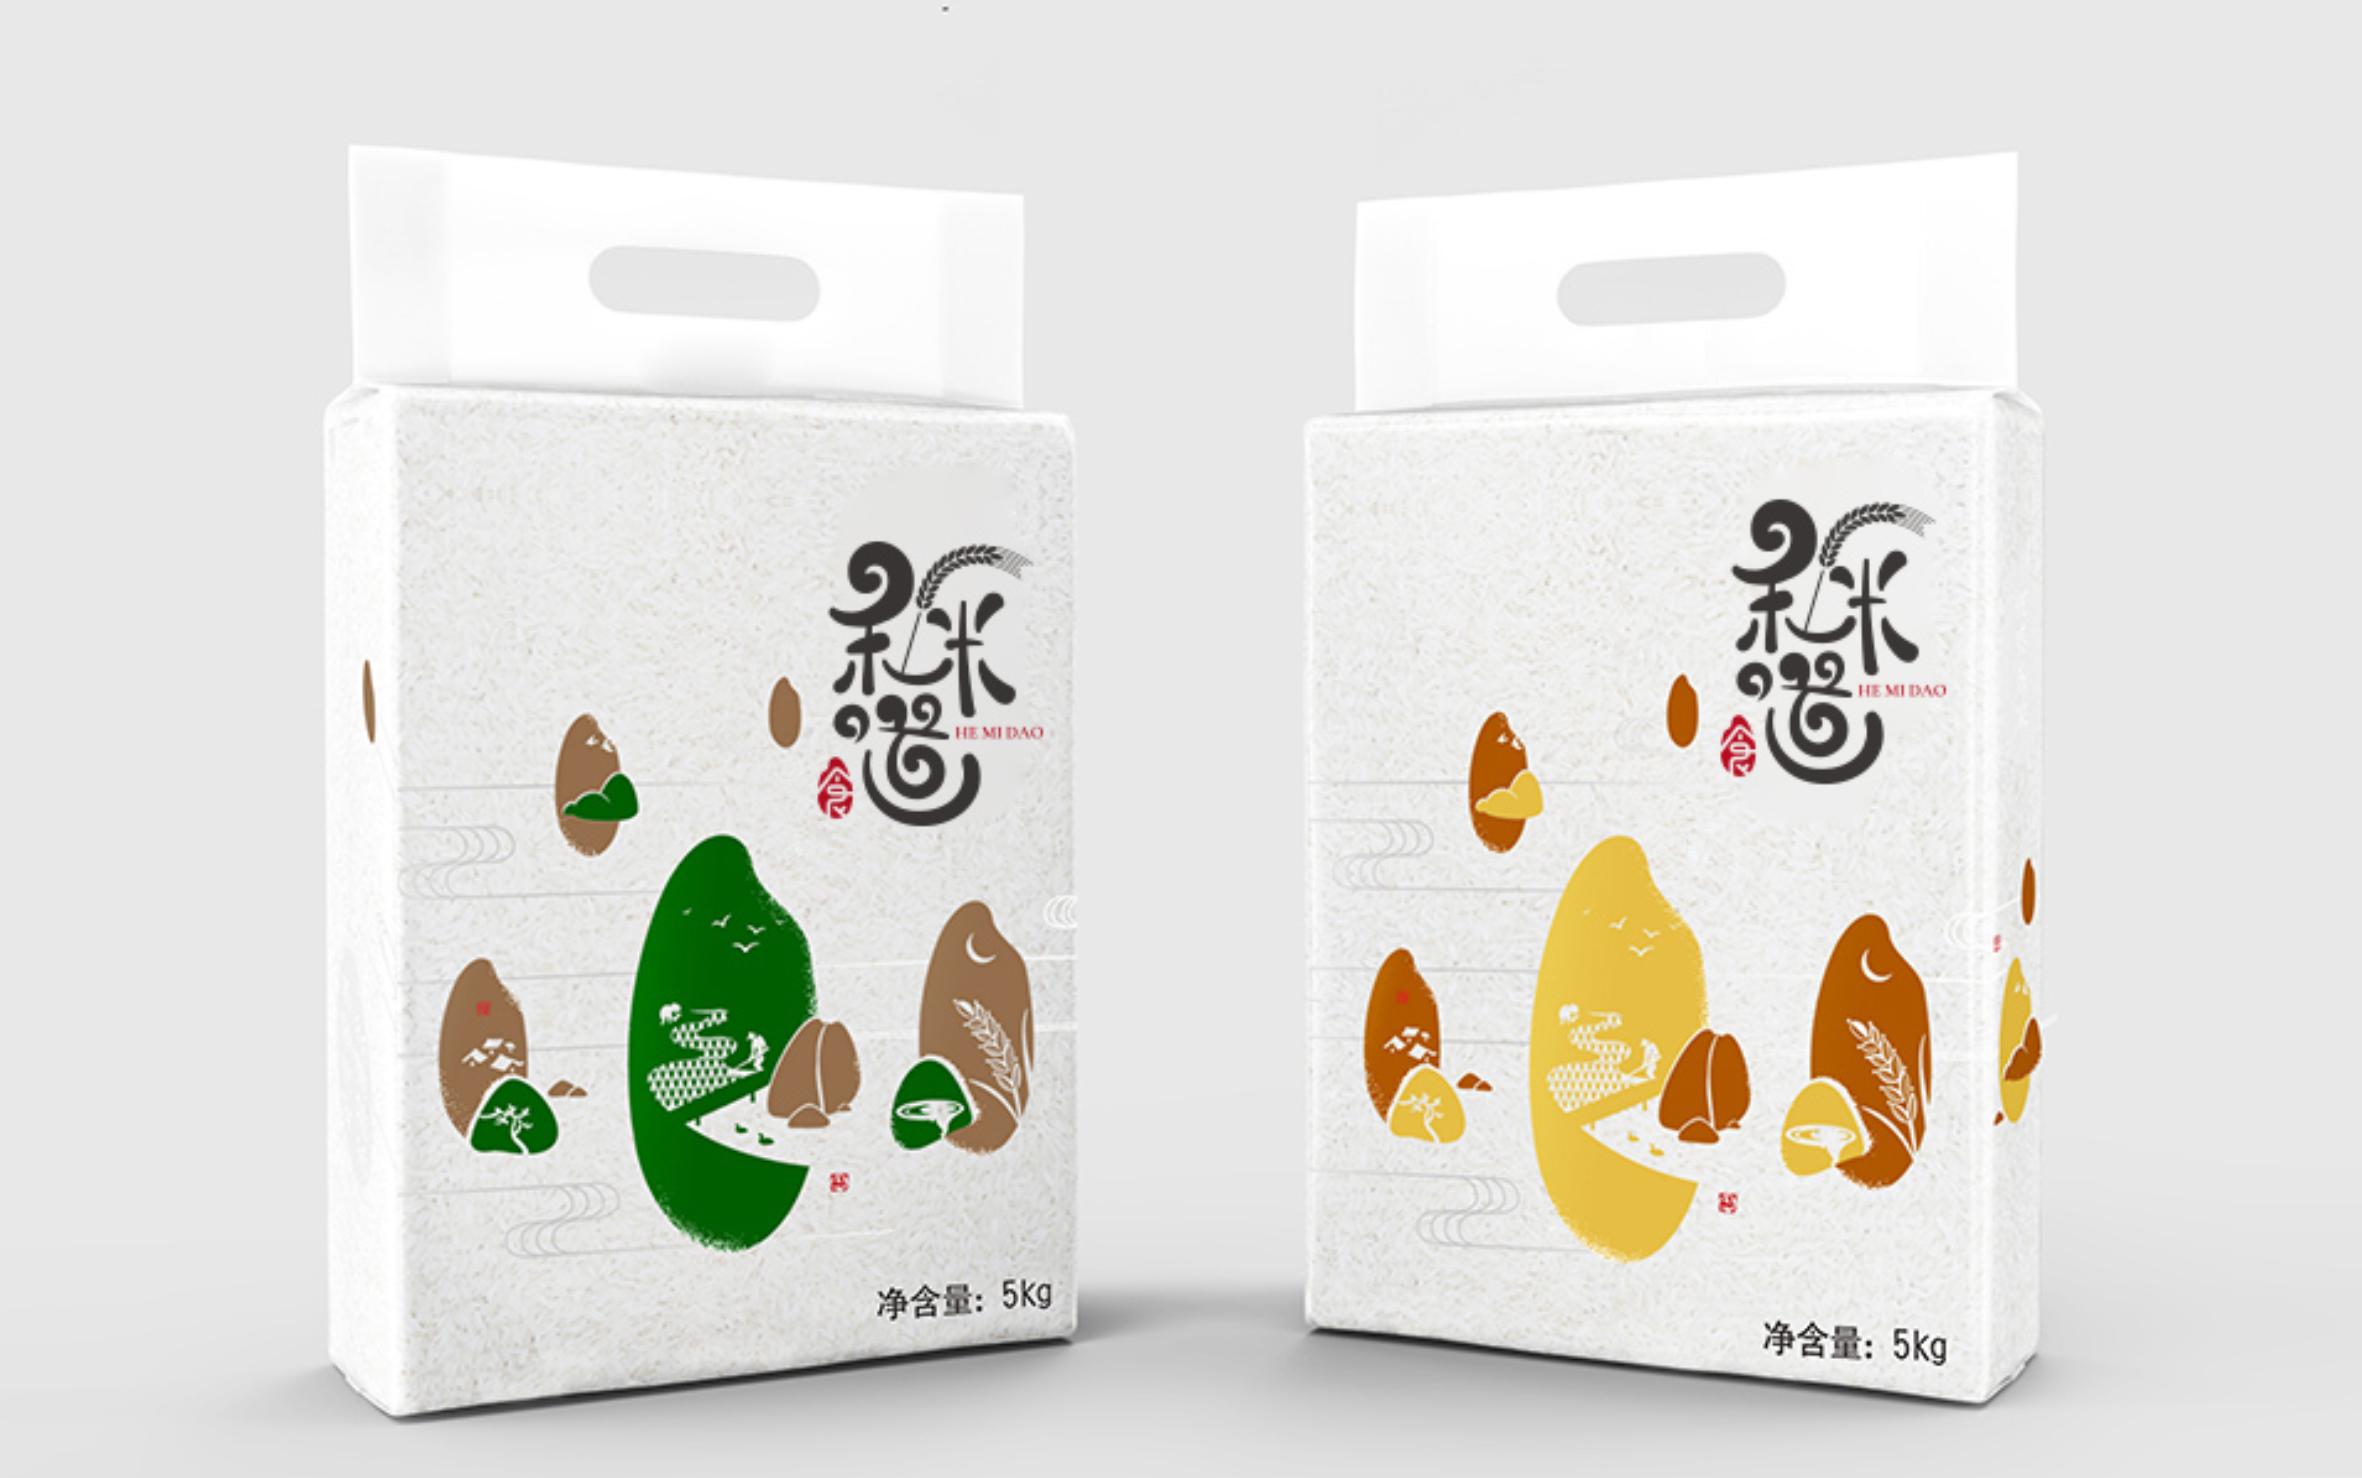 组合包装微瓦盒瓦楞箱卡盒食品级工业包装碗装贴标设计服装吊牌